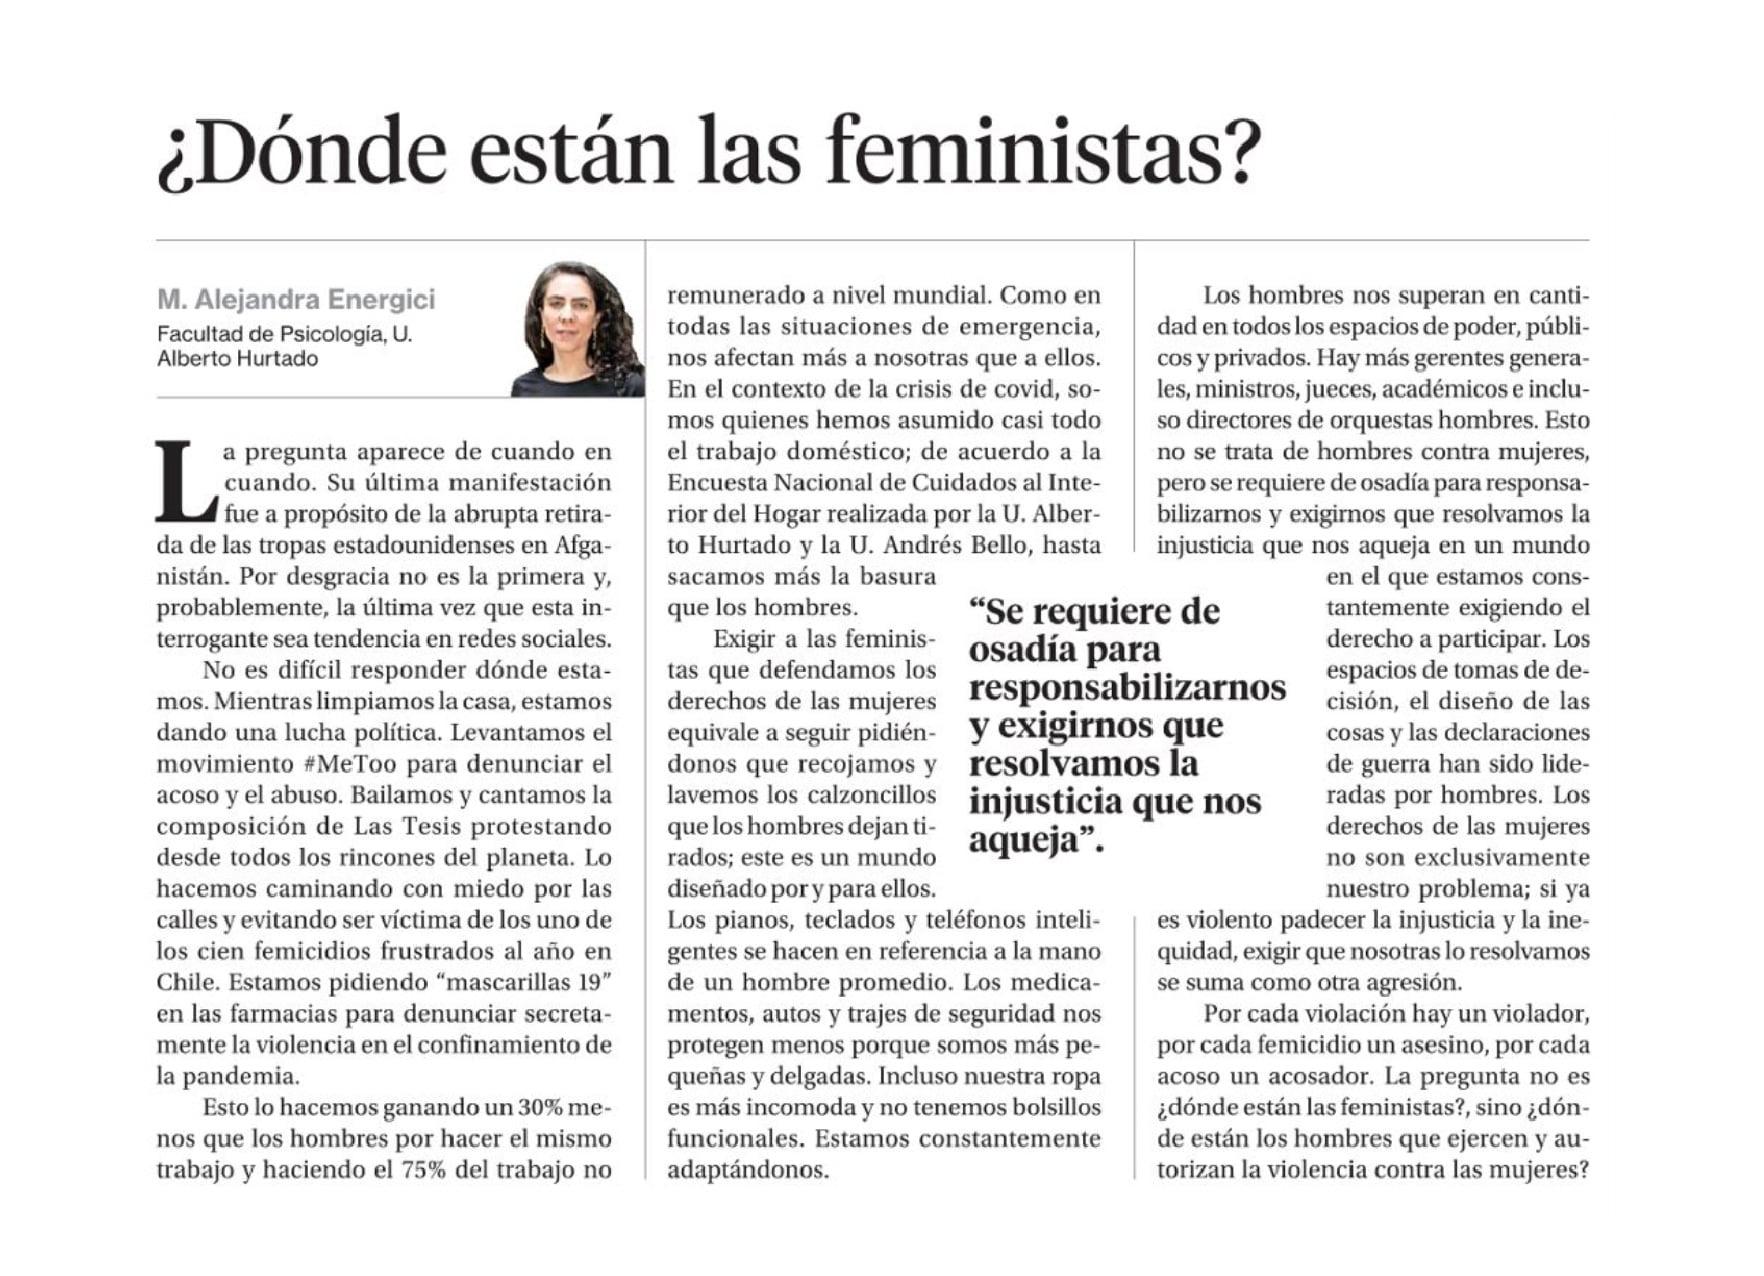 ¿Dónde están las feministas?